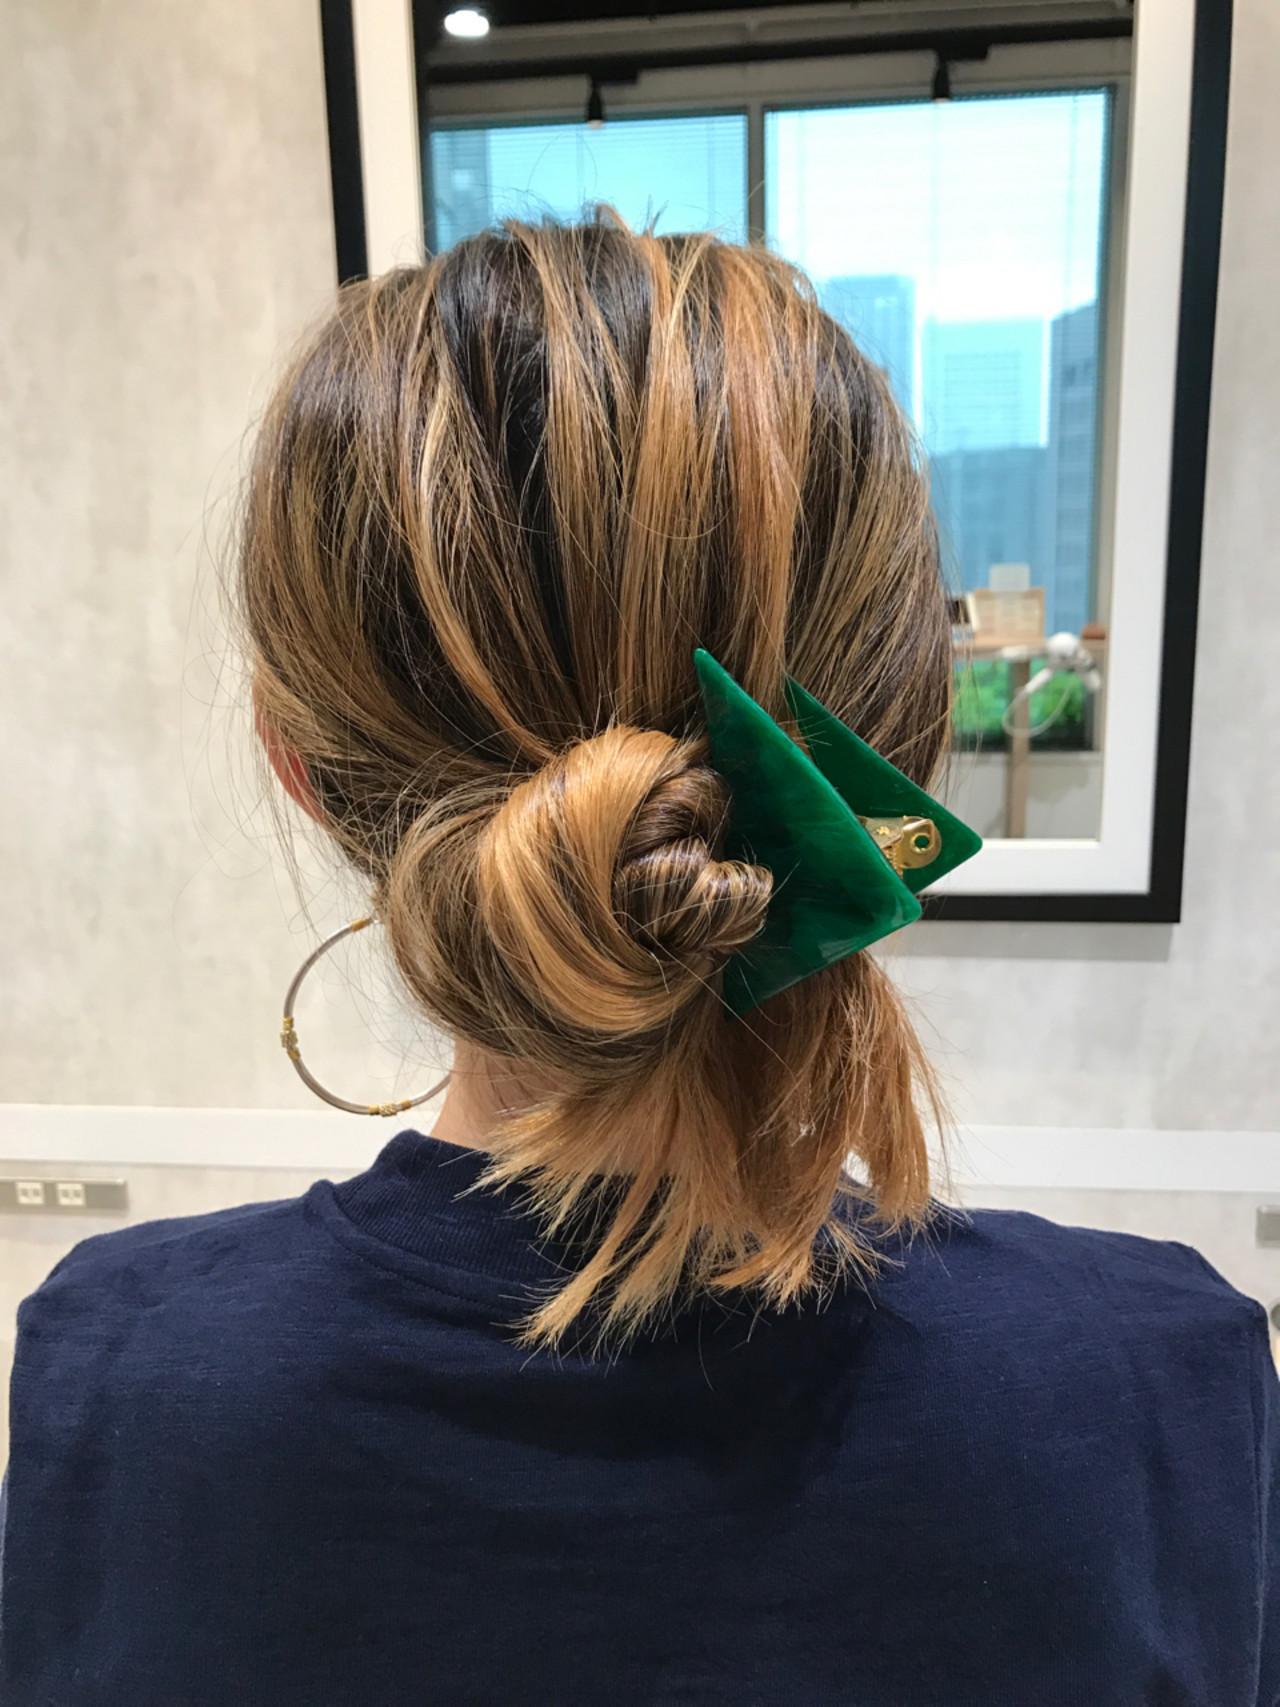 ヘアクリップ ロング ナチュラル ヘアアレンジ ヘアスタイルや髪型の写真・画像